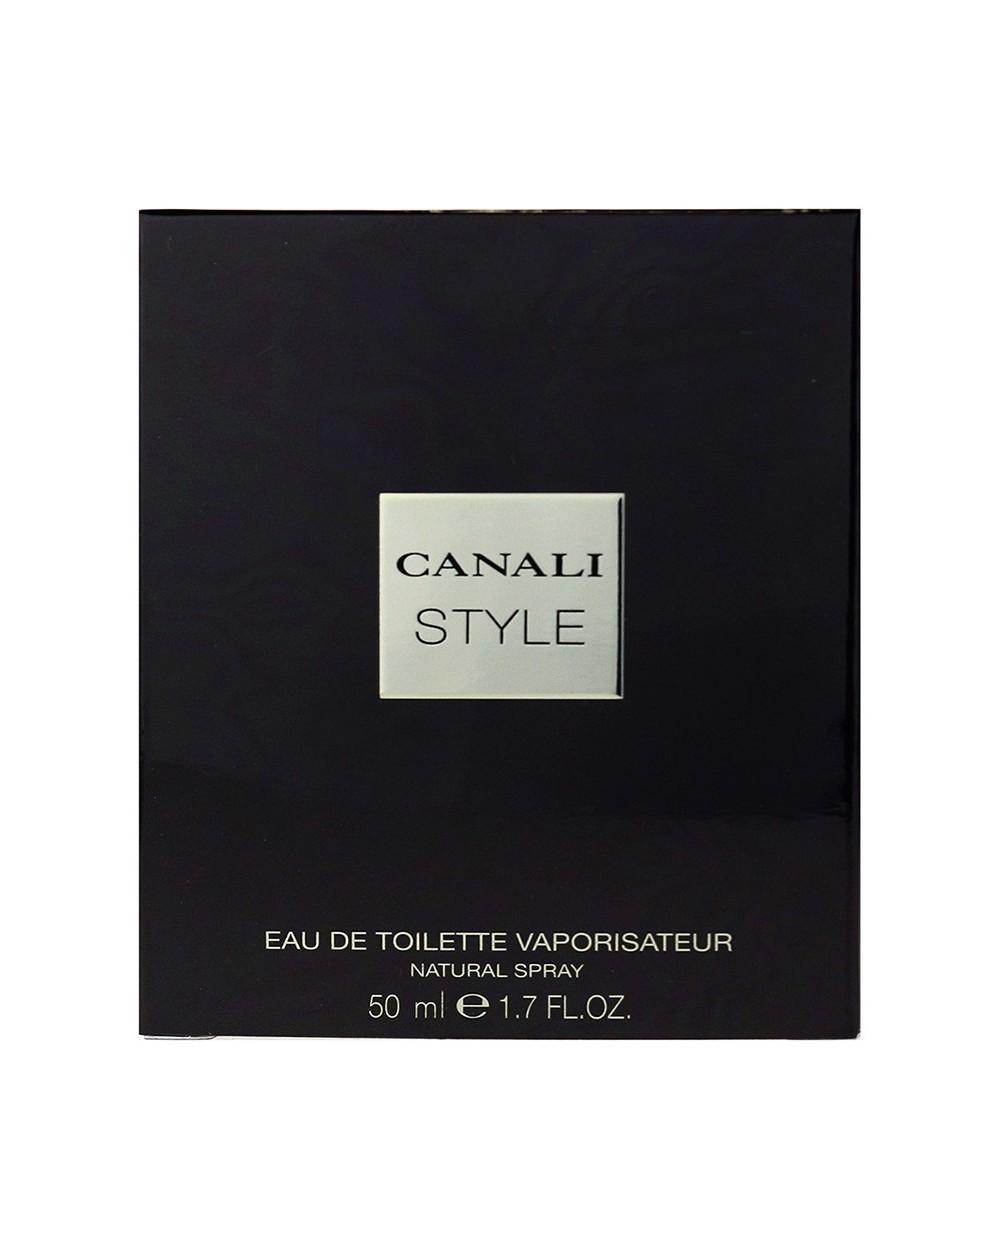 Canali Style Eau De Toilette 50ml - Sovrana Parfums